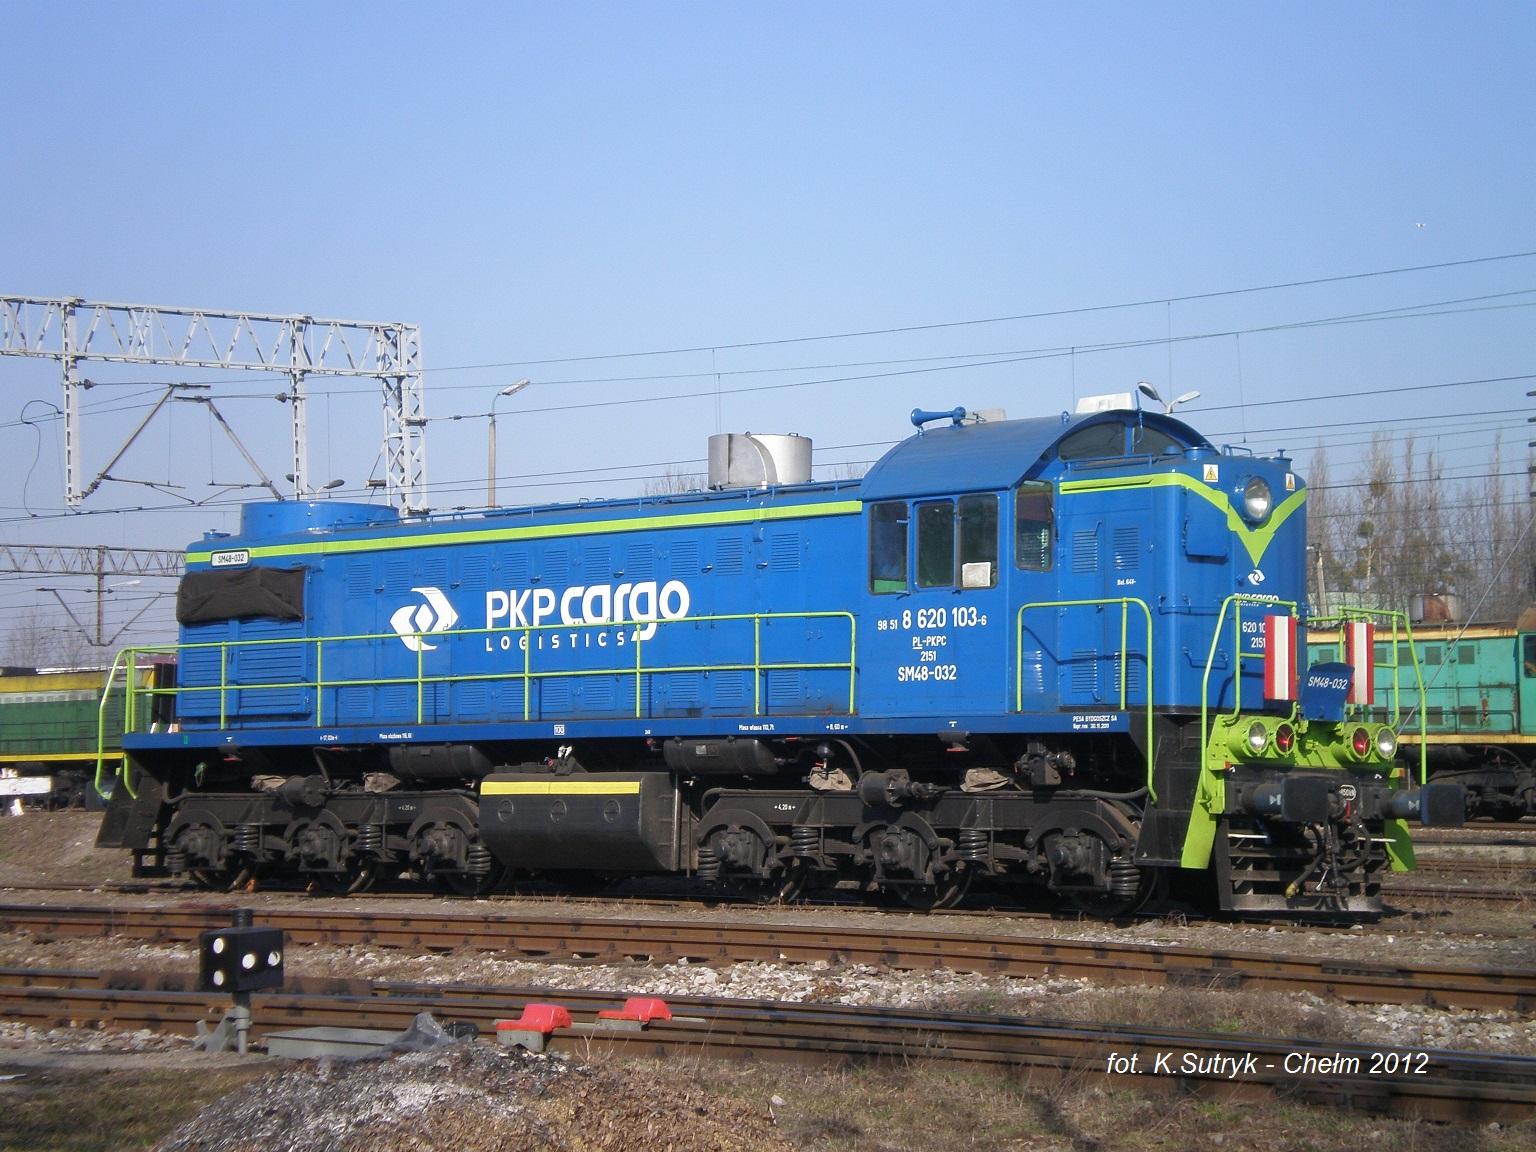 SM48-032 - 2012-03-23.JPG